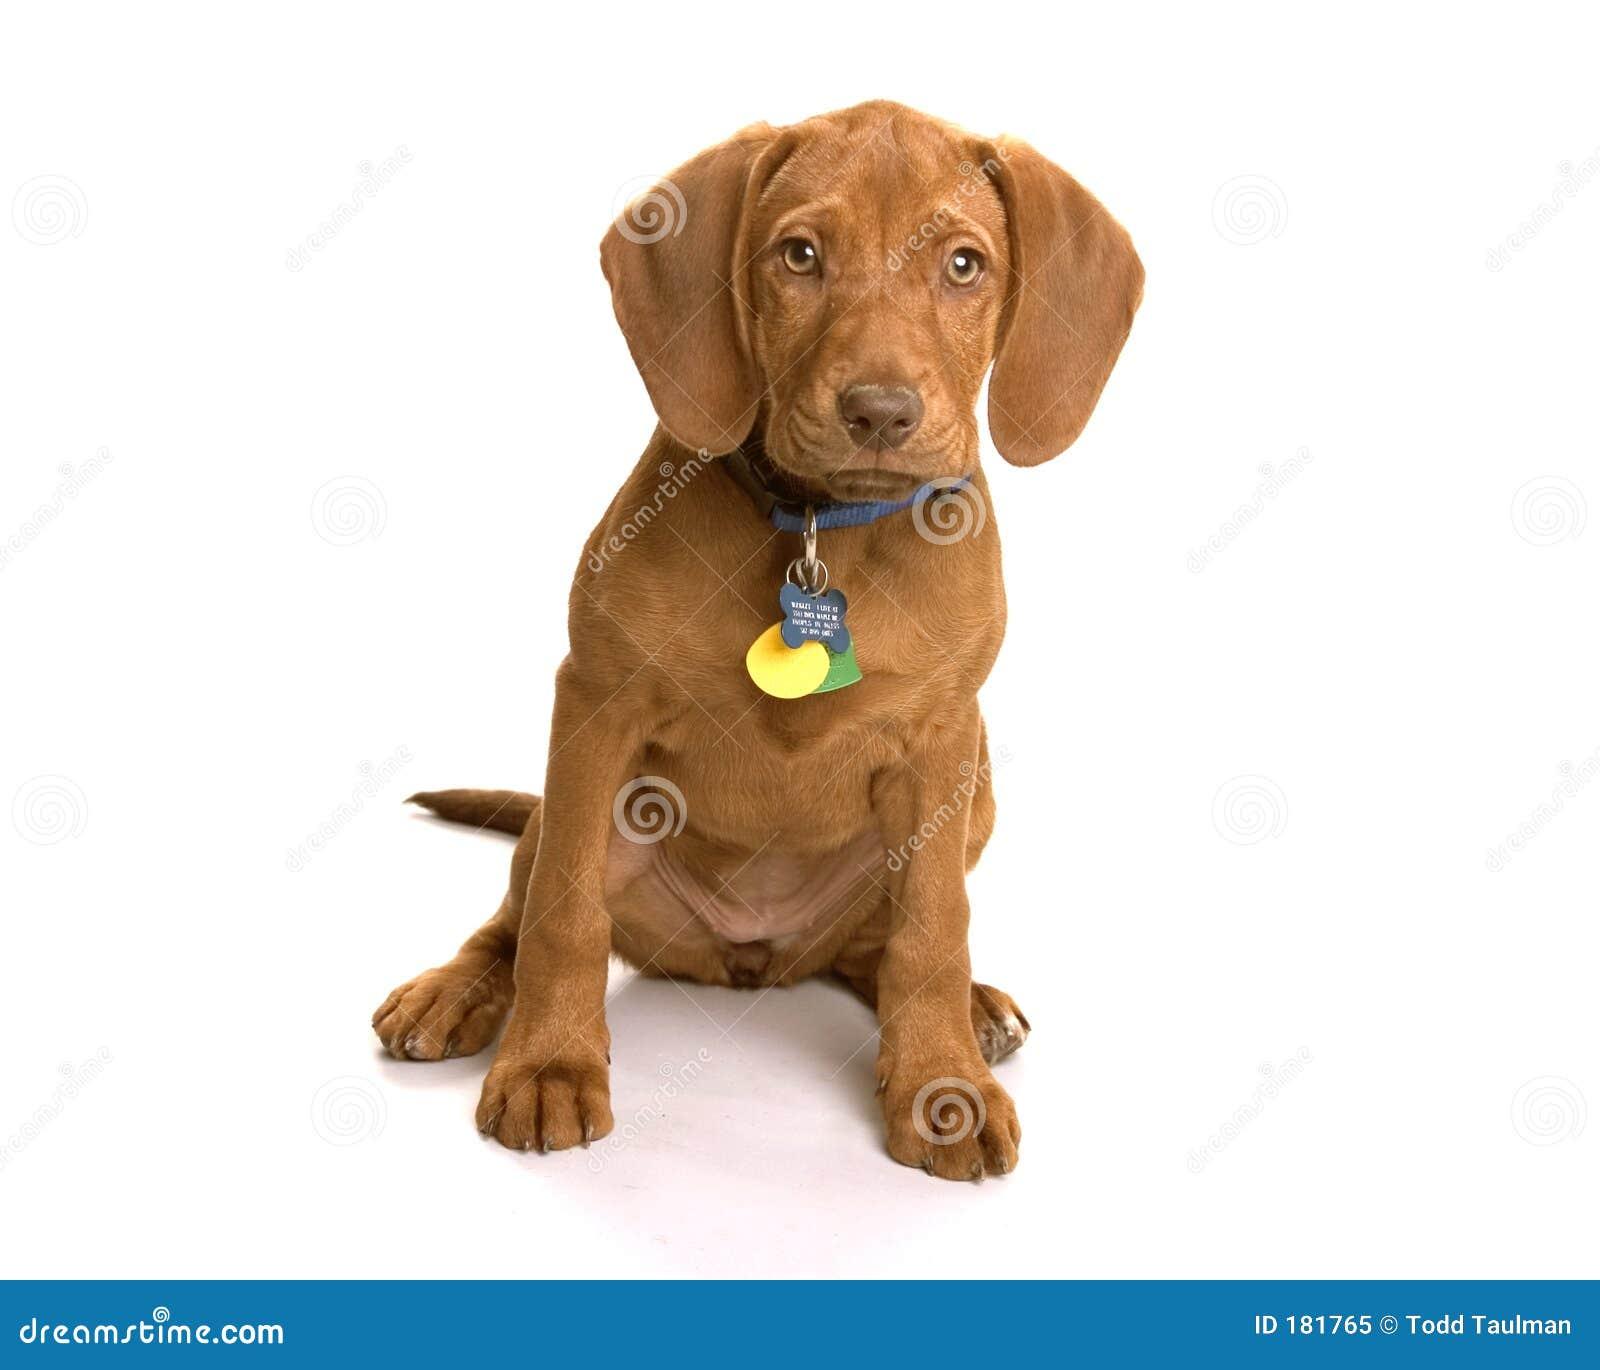 Wrigley the Dog